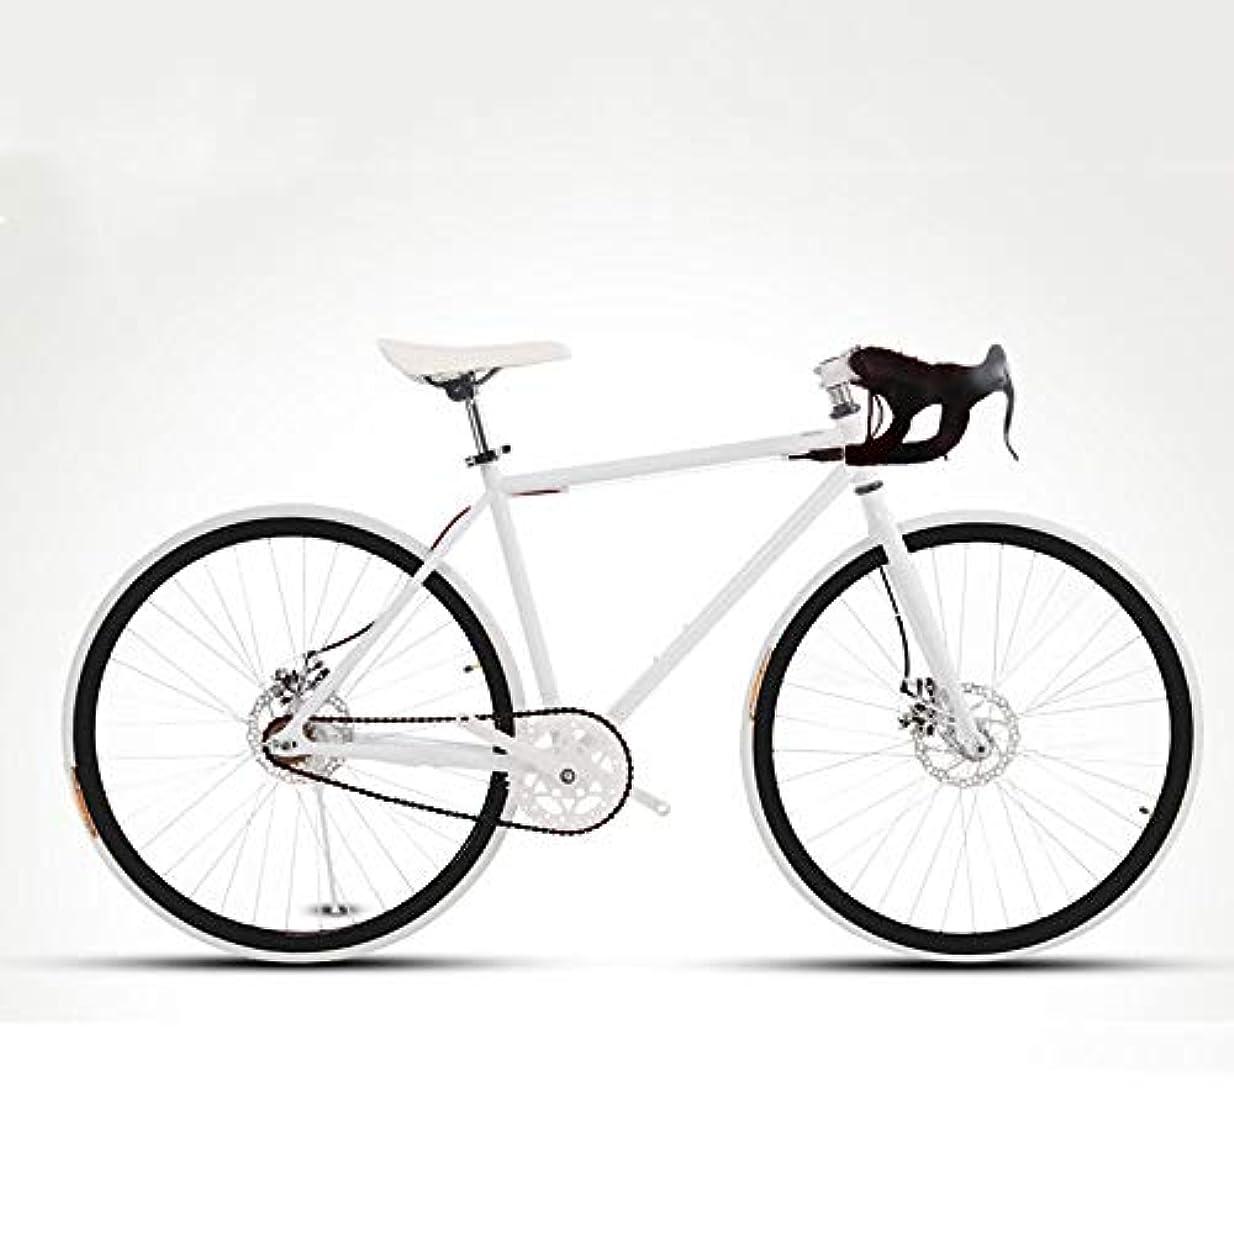 感動する教会ナインへLRHD 利用可能なロードバイクのために男性と女性、シンプルな自転車、大人の女性の自転車、学生男子ダブルディスクブレーキスポーツカー、24分の26インチの2つのサイズ、空気圧レーシング(白、黒) (サイズ : L)